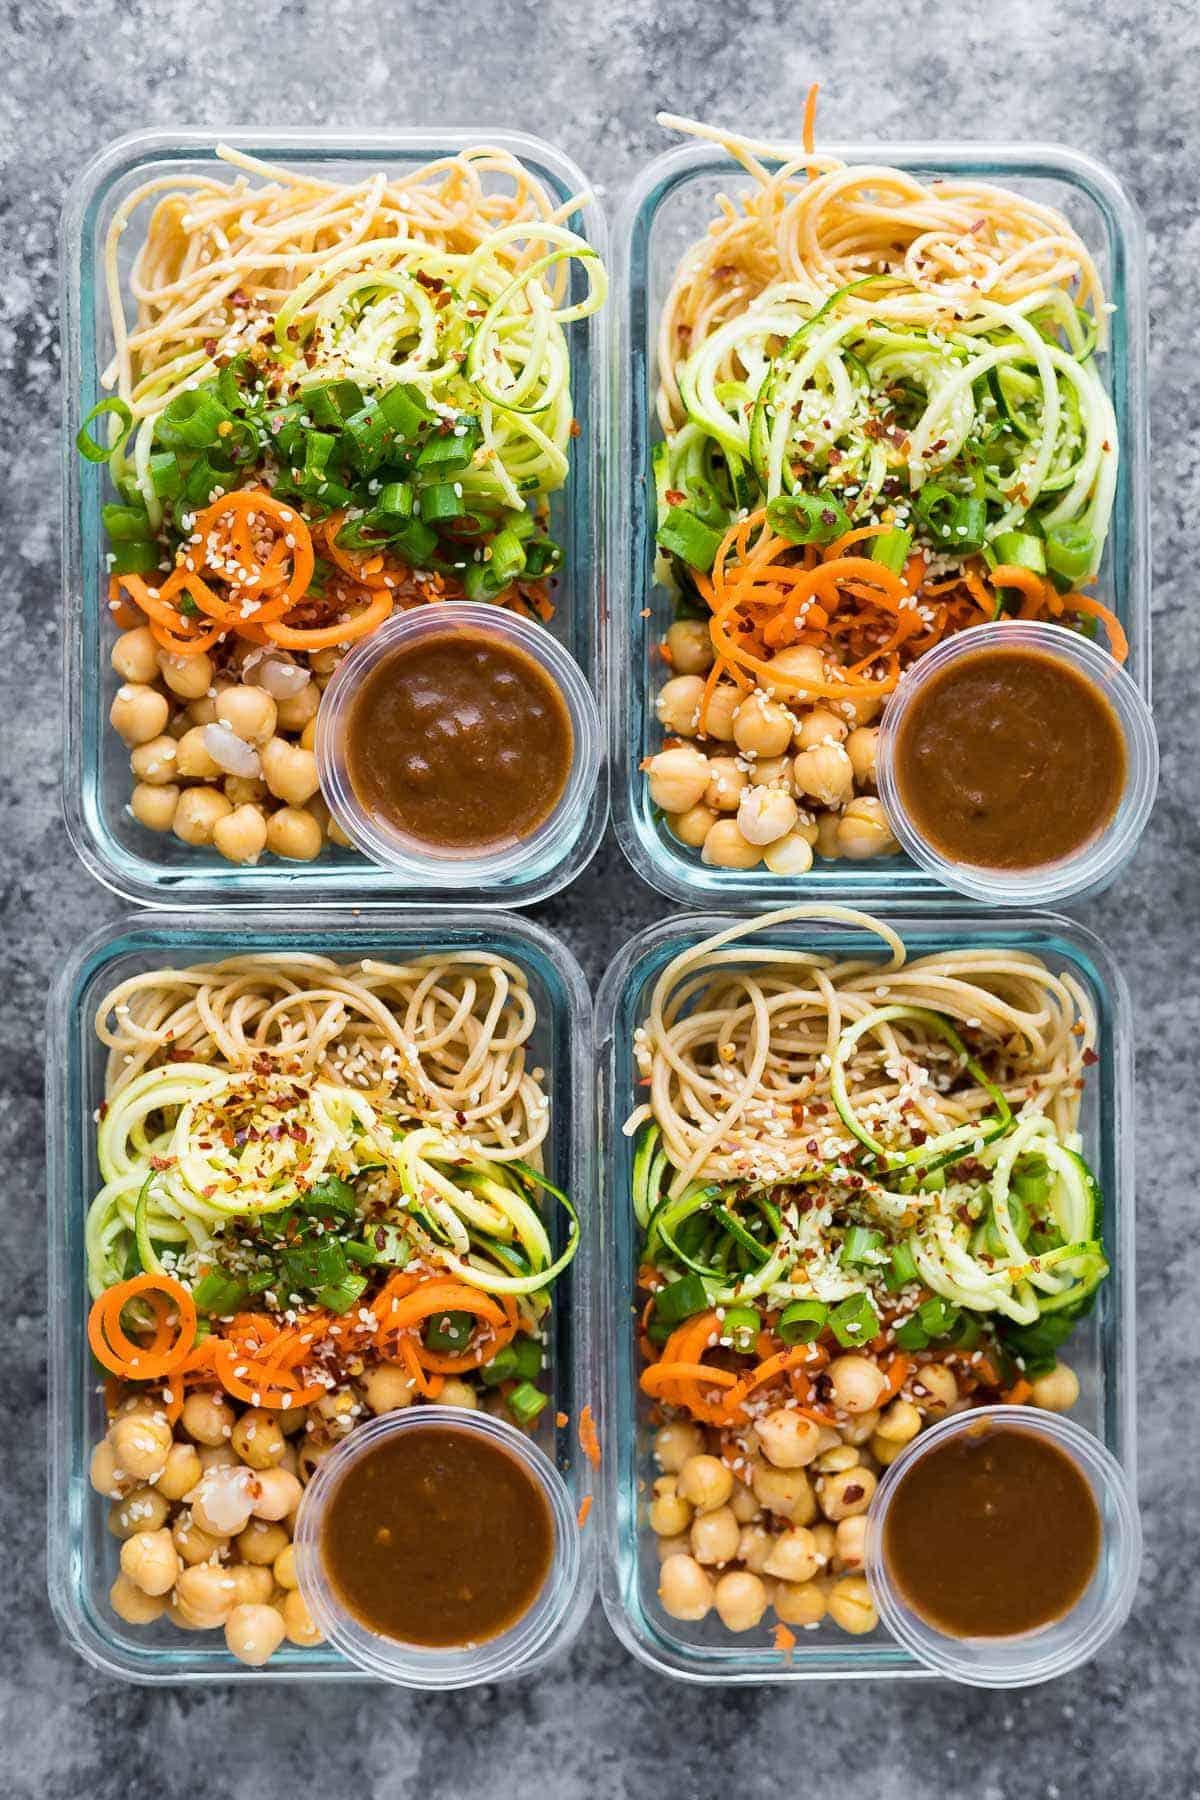 Cold Sesame Noodle Meal Prep Bowls